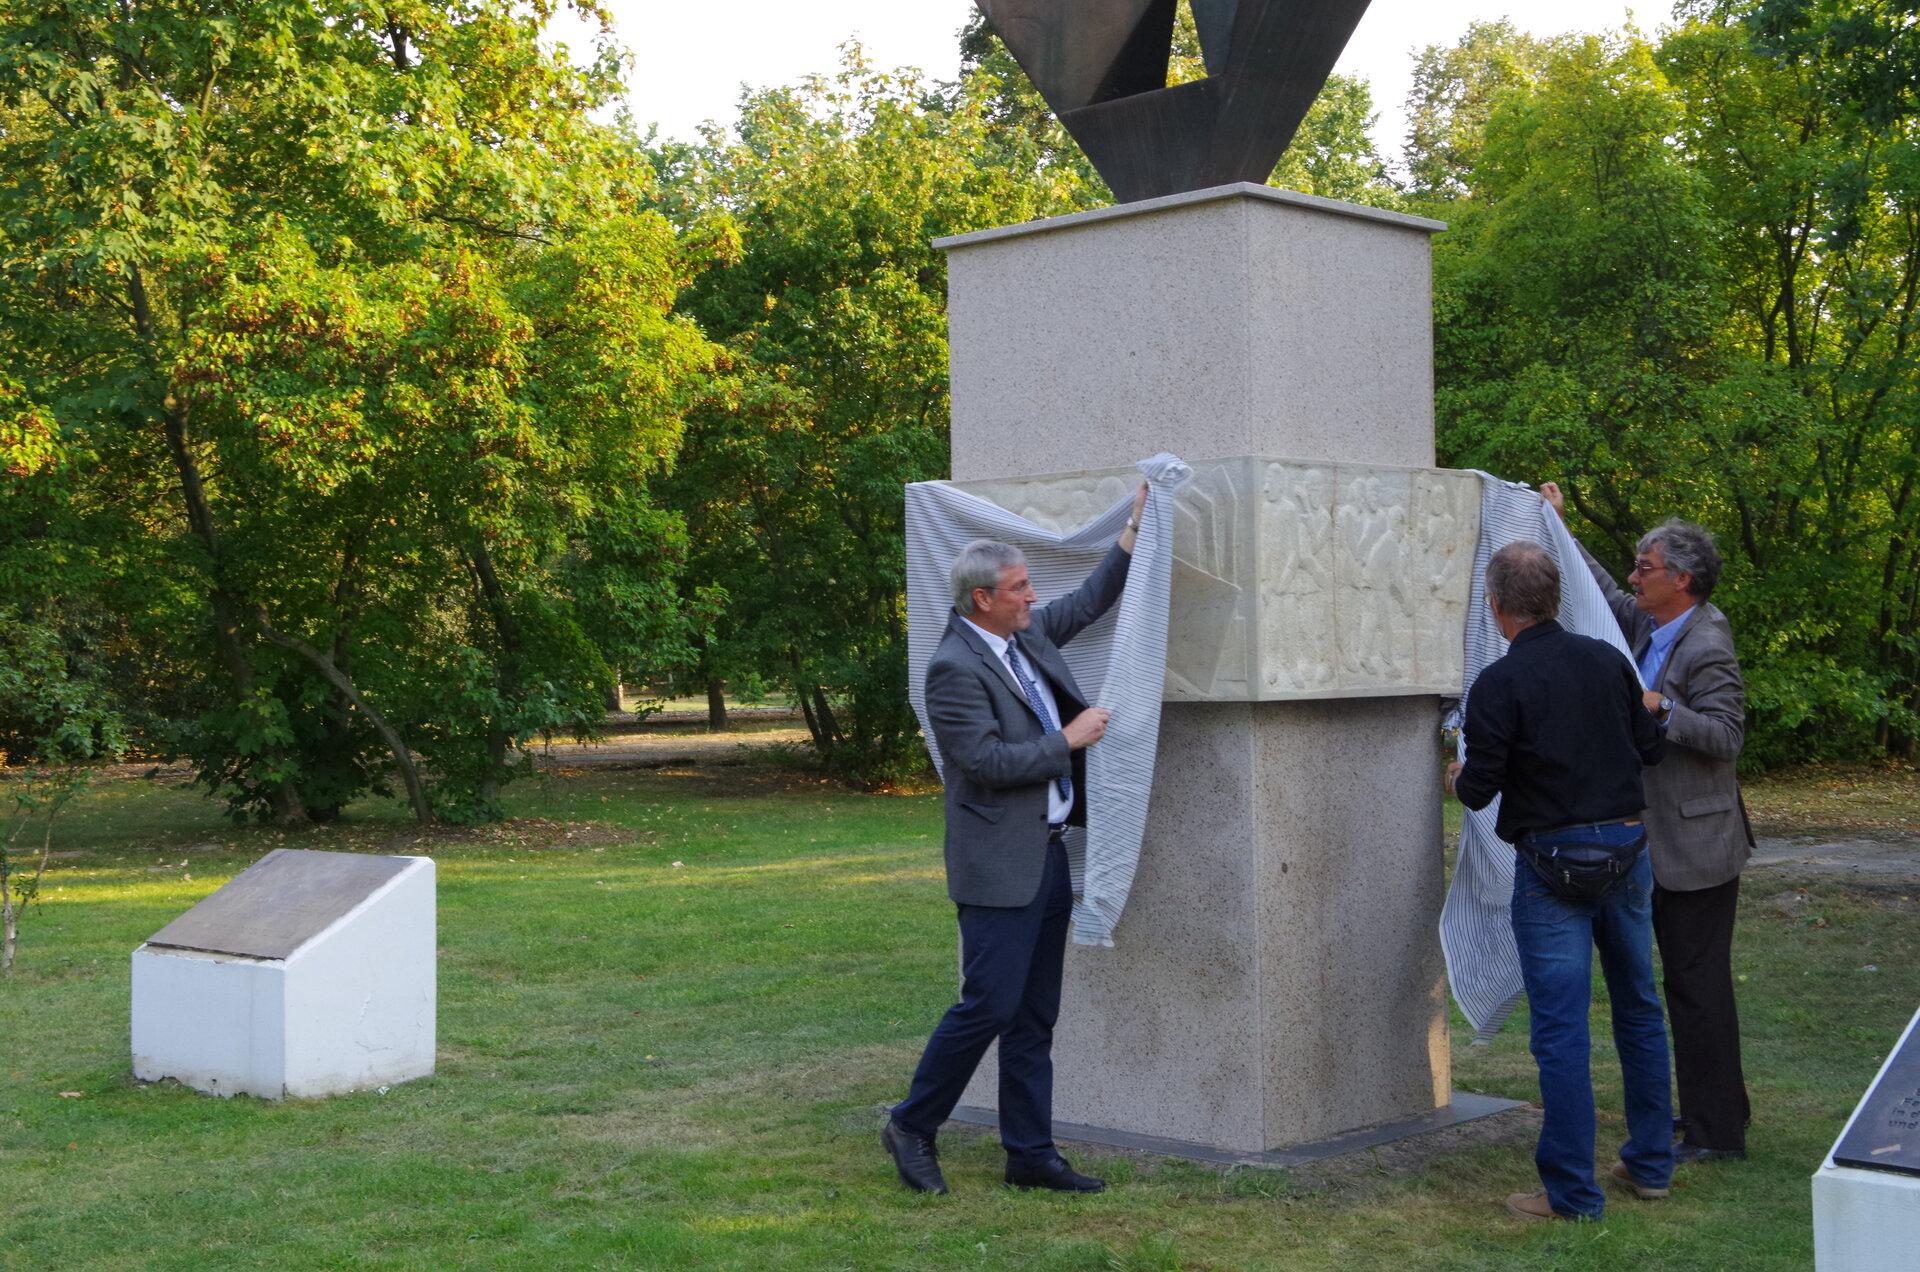 2016: Sandsteinreliefs des Falkenseer Künstlers Ingo Wellmann im Geschichtspark enthüllt. Sie erinnern nun wieder an das Leid der Häftlinge, nachdem 2012 die Bronzeplatten an dem Erinnerungsort gestohlen wurden (Quelle: Stadtarchiv).